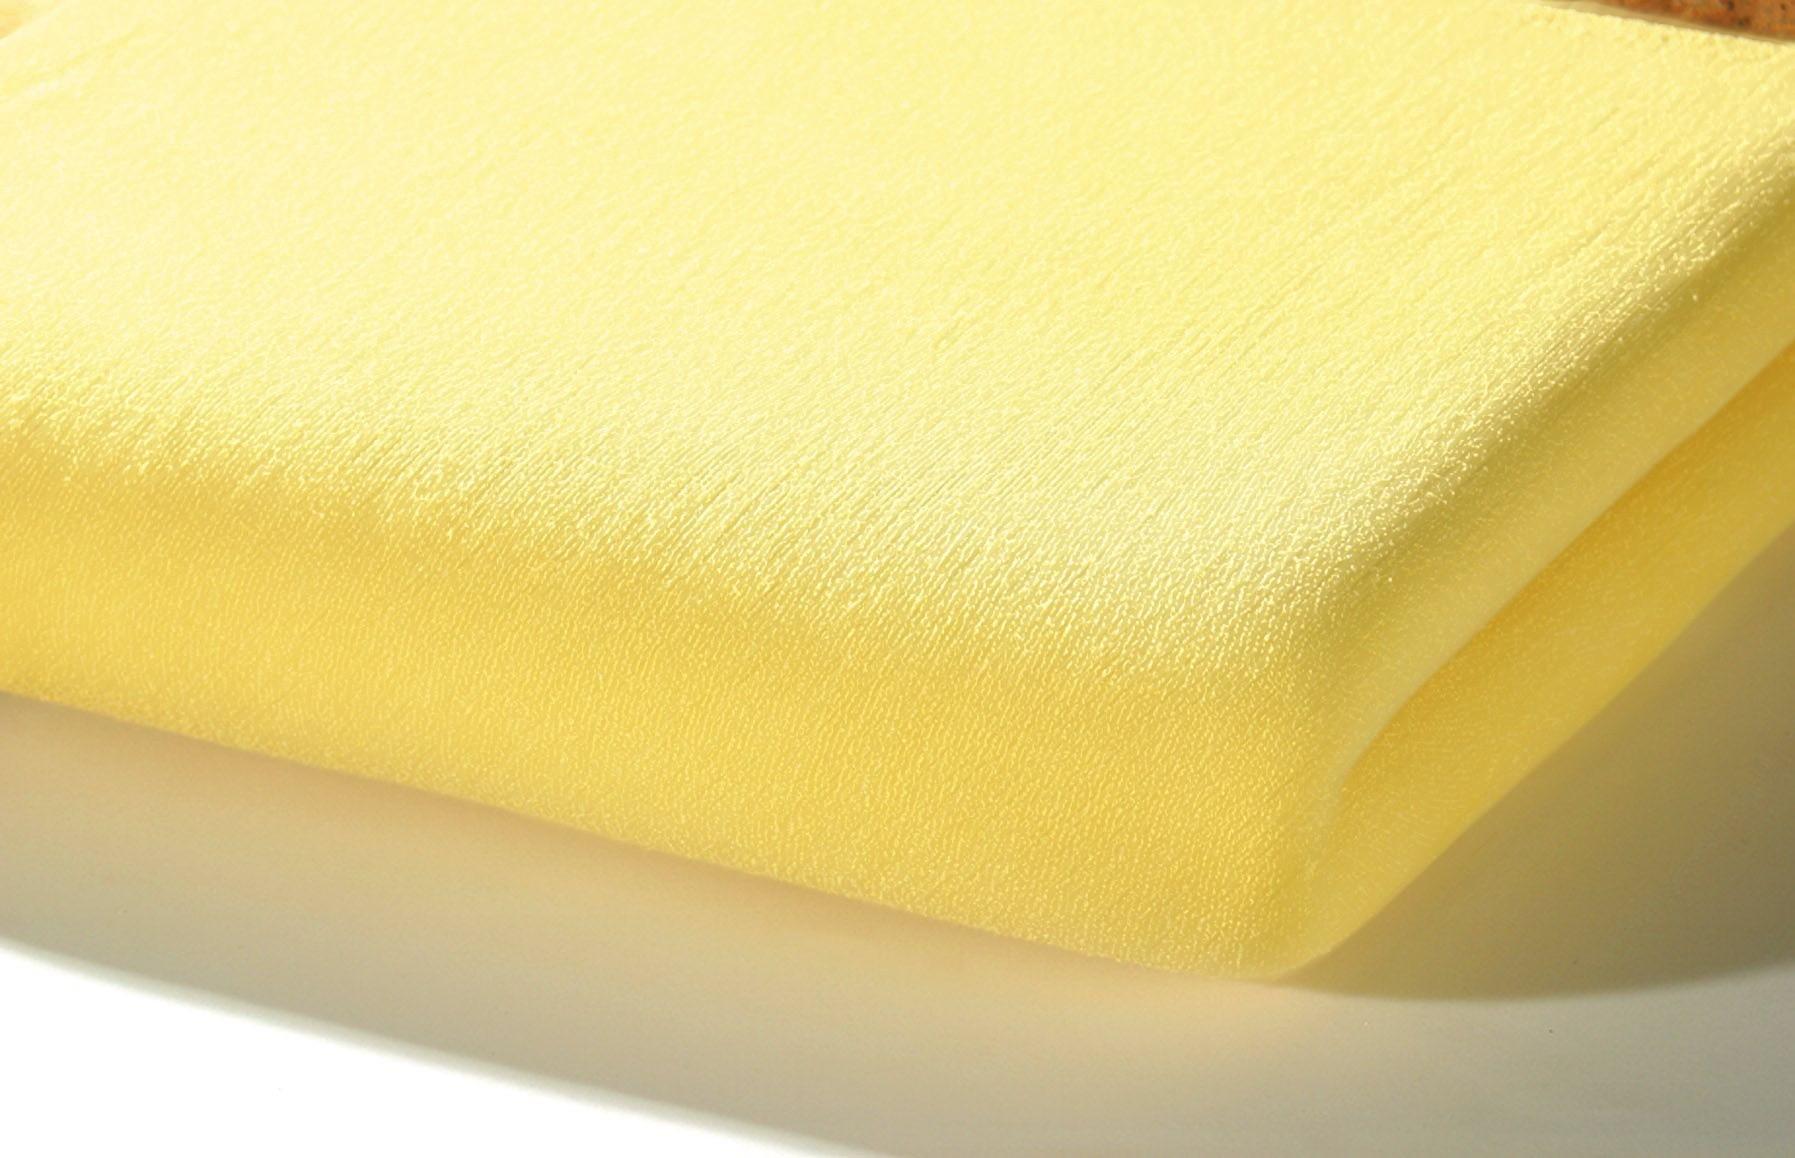 Alvi Spannlaken Jersey Tencel 70x140 cm